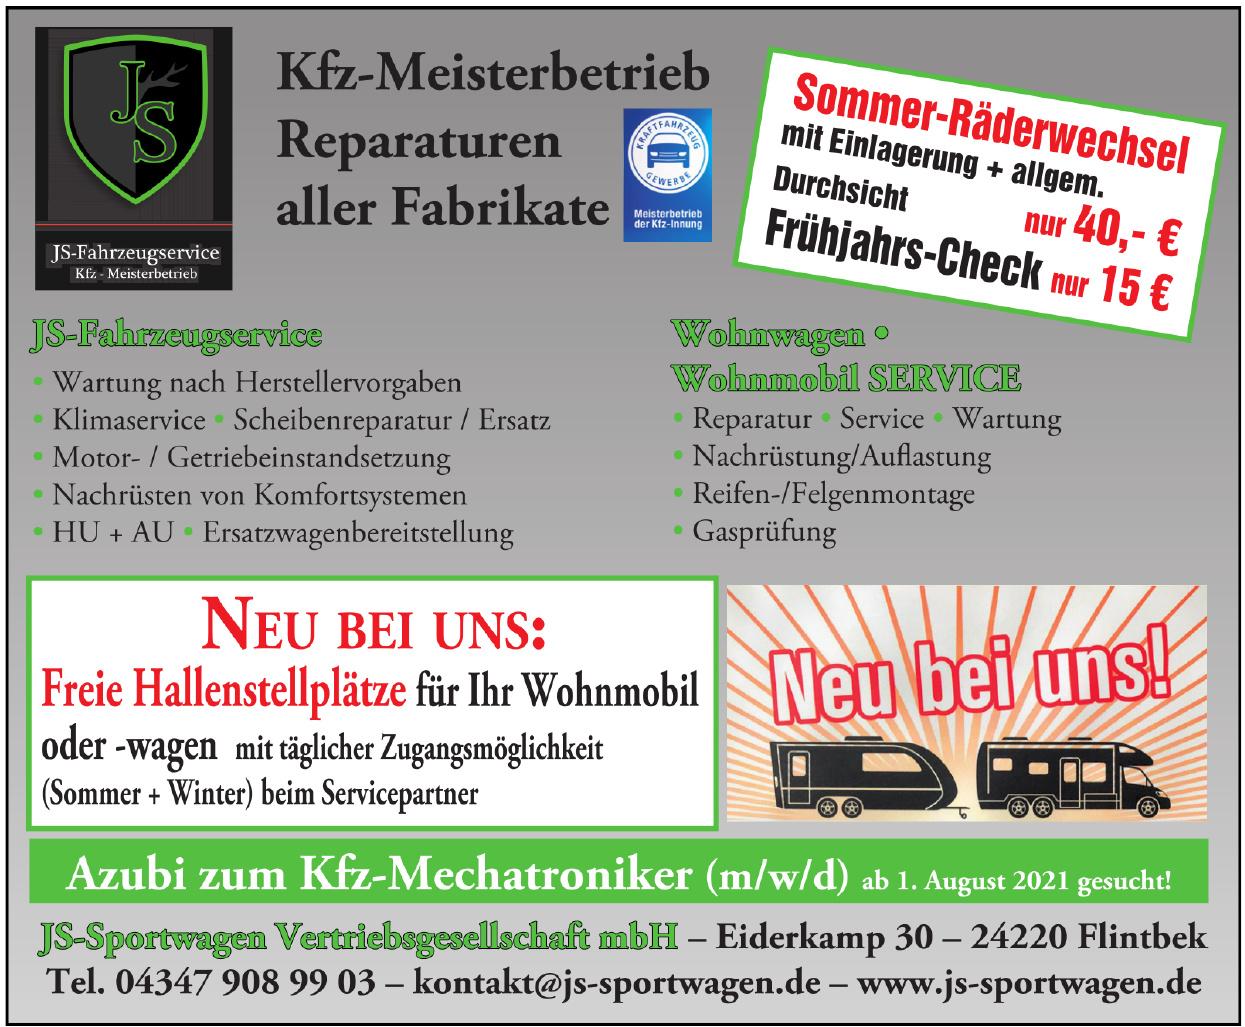 JS-Sportwagen Vertriebsgesellschaft mbH